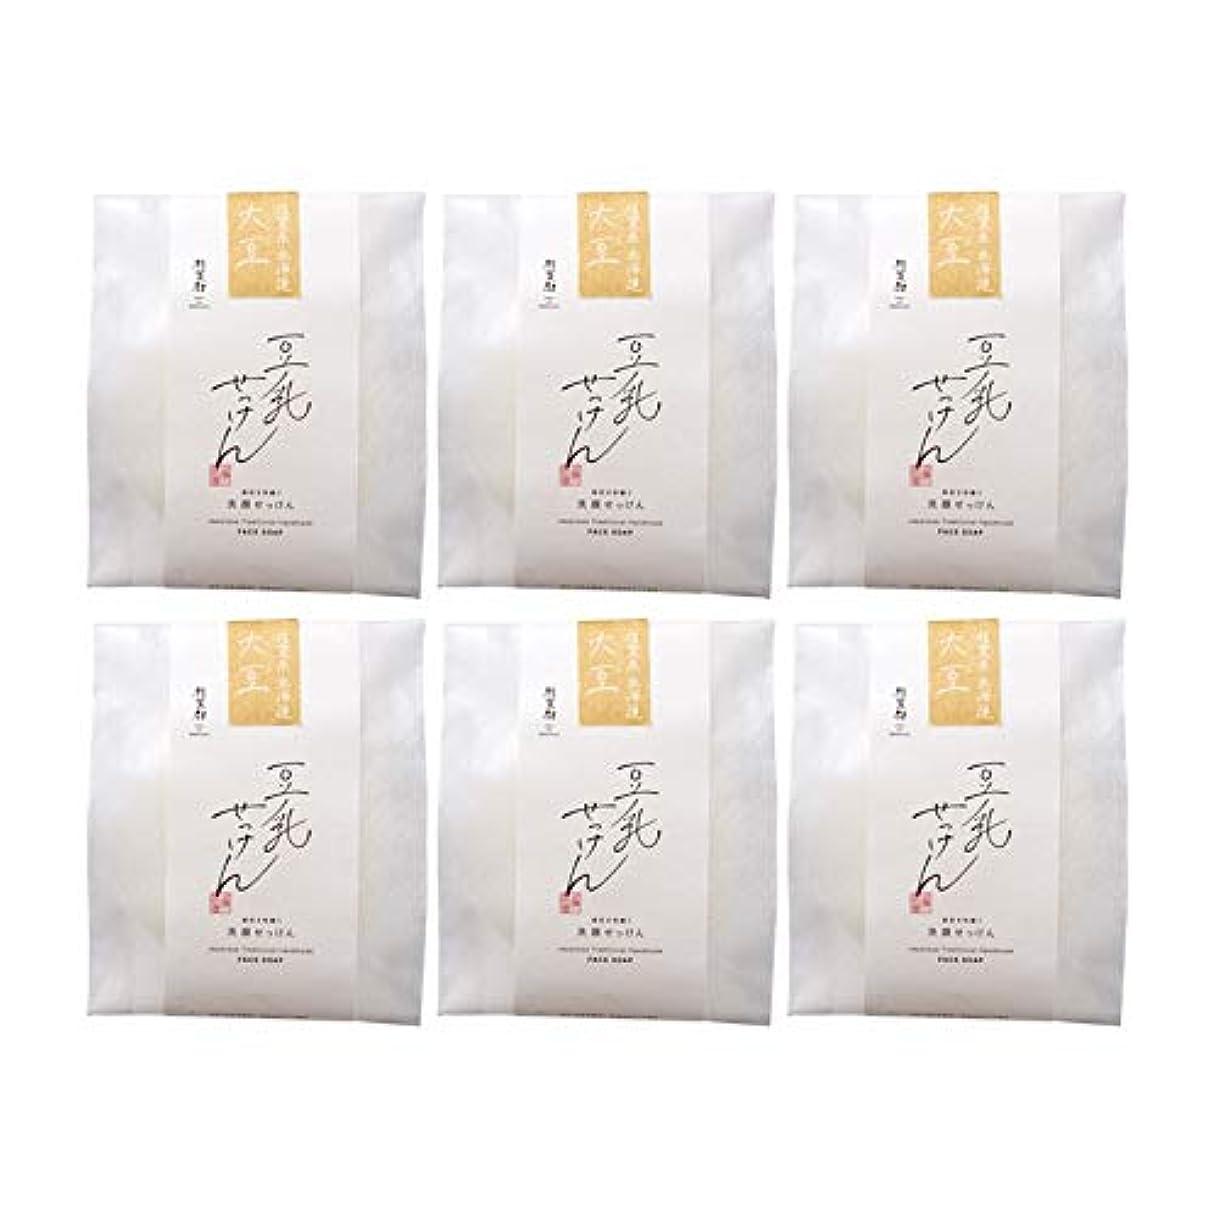 コロニー小道勇敢な豆腐の盛田屋 豆乳せっけん 自然生活 100g×6個セット